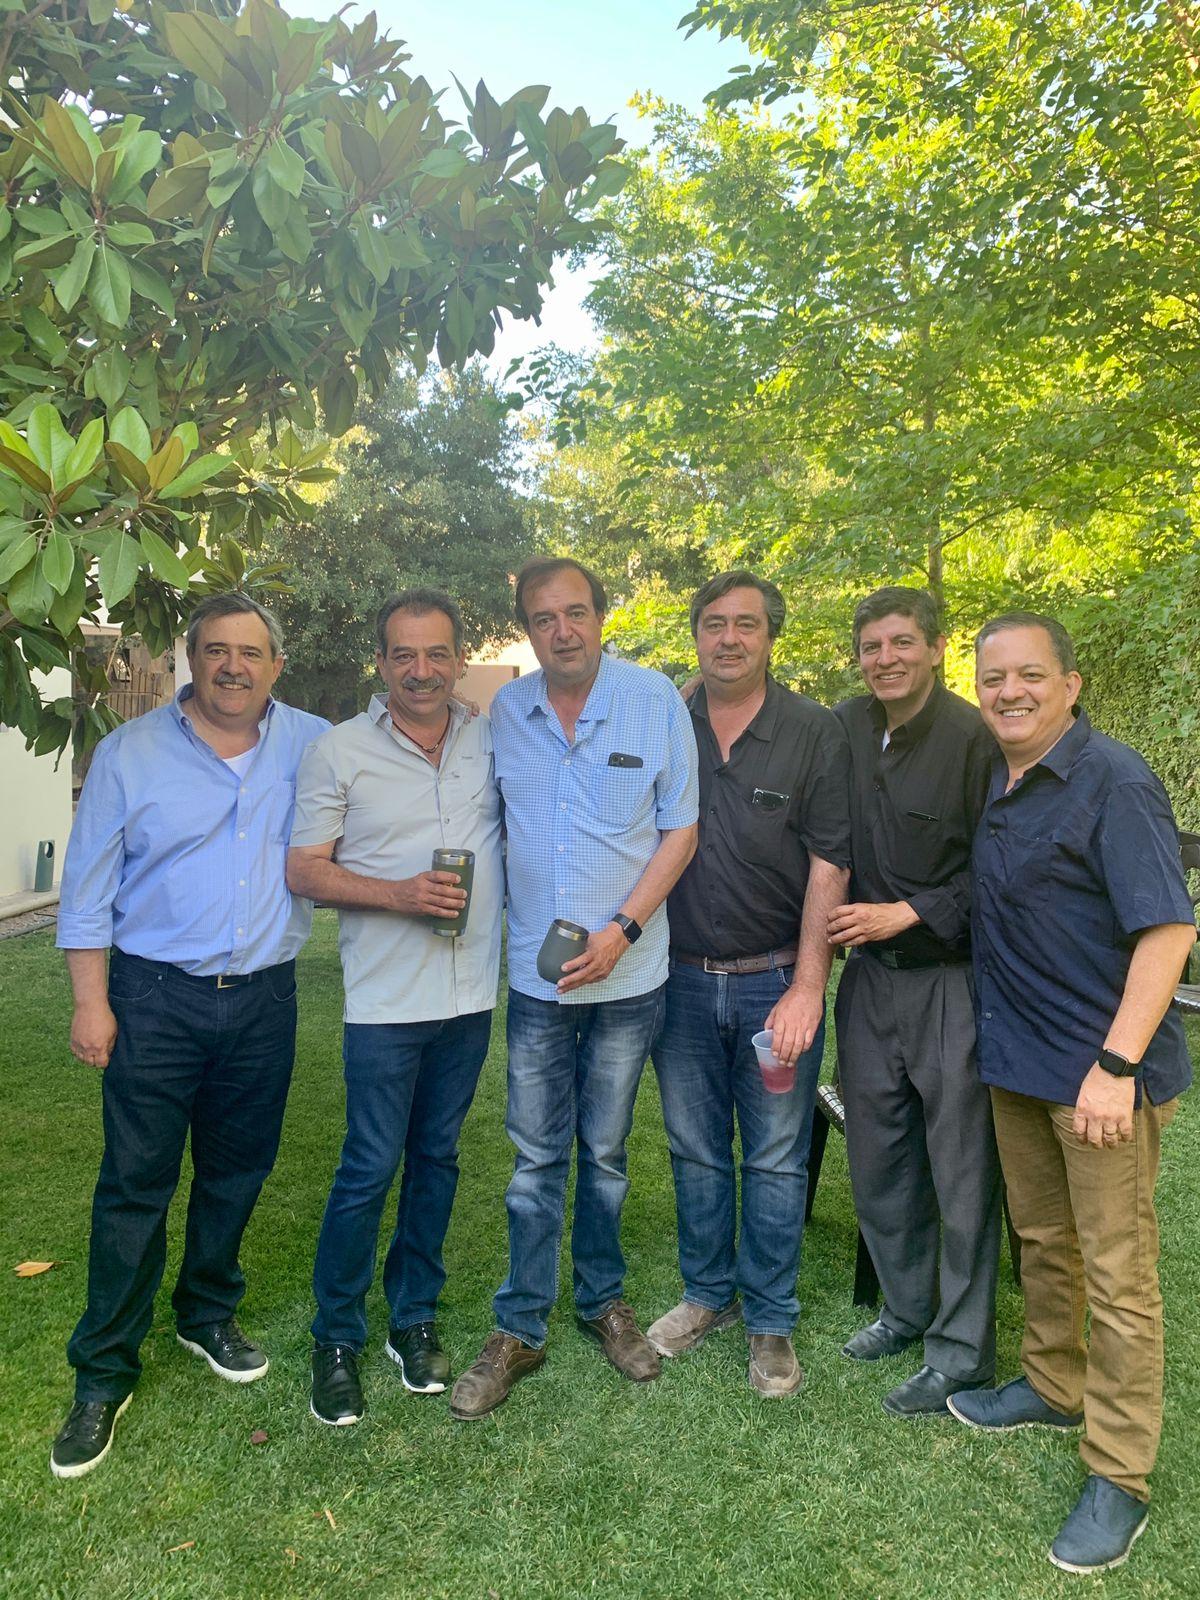 Alejandro Dávila, Rodrigo del Bosque, Daniel Torres, Miguel Ortiz de Montellano, Luis Eduardo Villaseñor y Carlos Enrique Olvera.